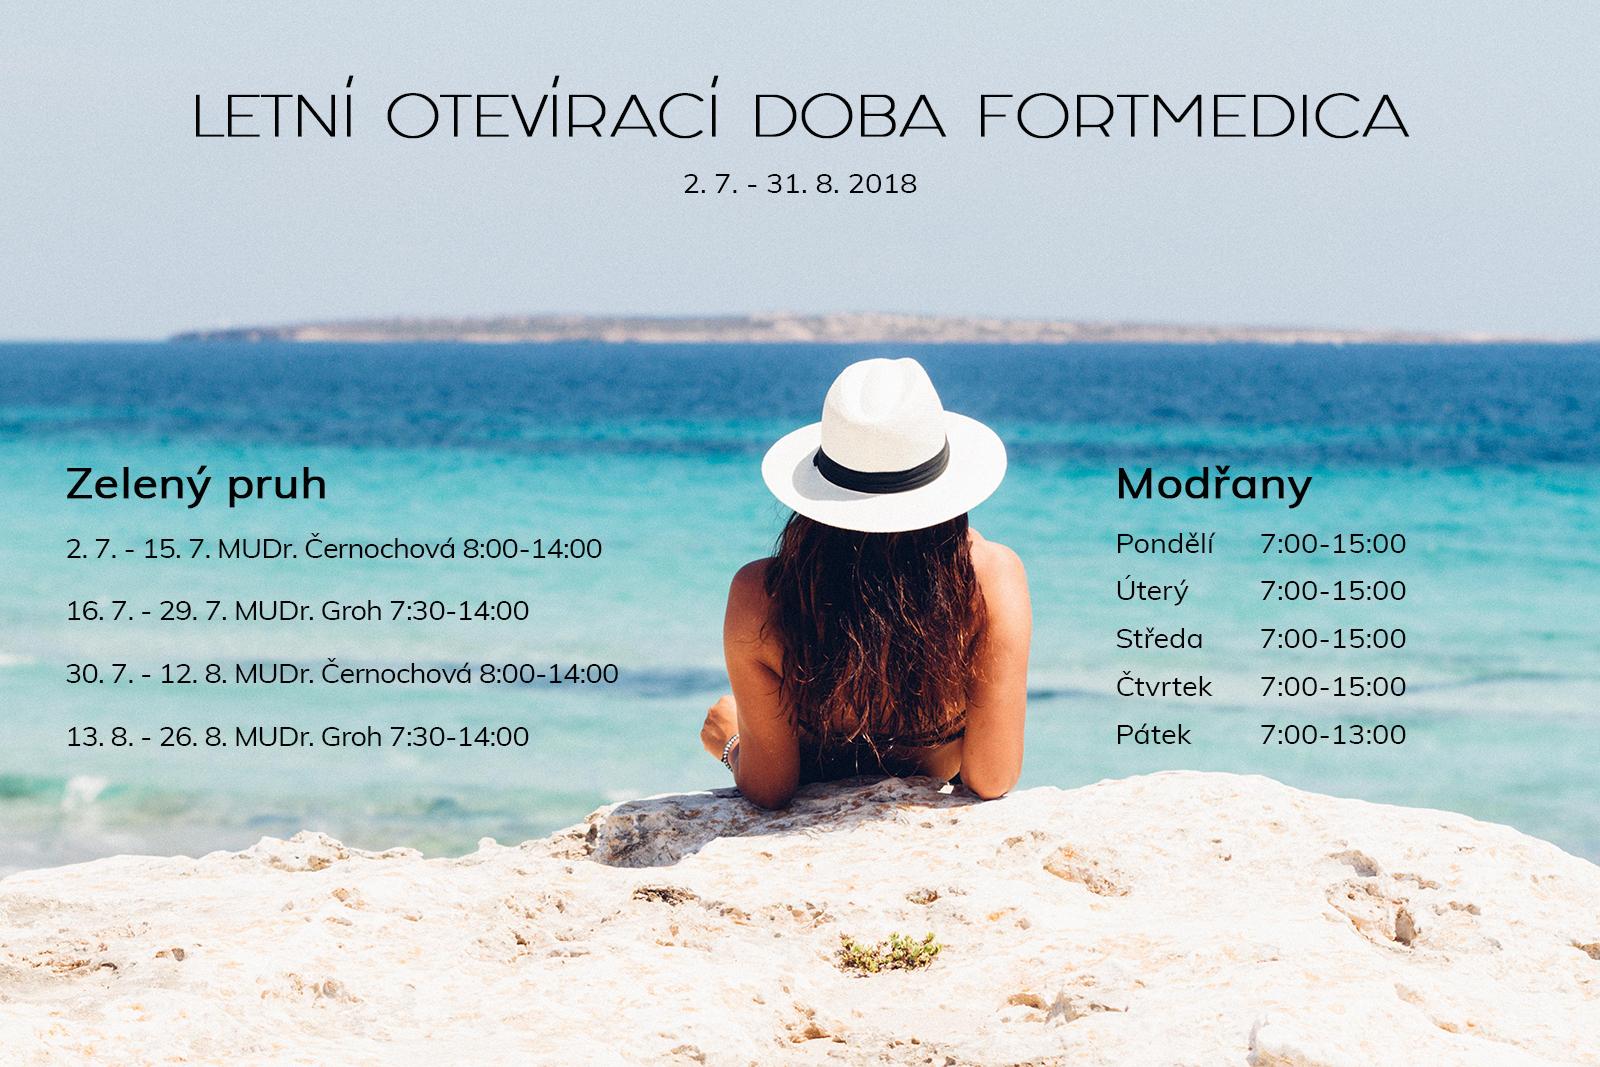 FortMedica ORL letní otevírací doba 2018